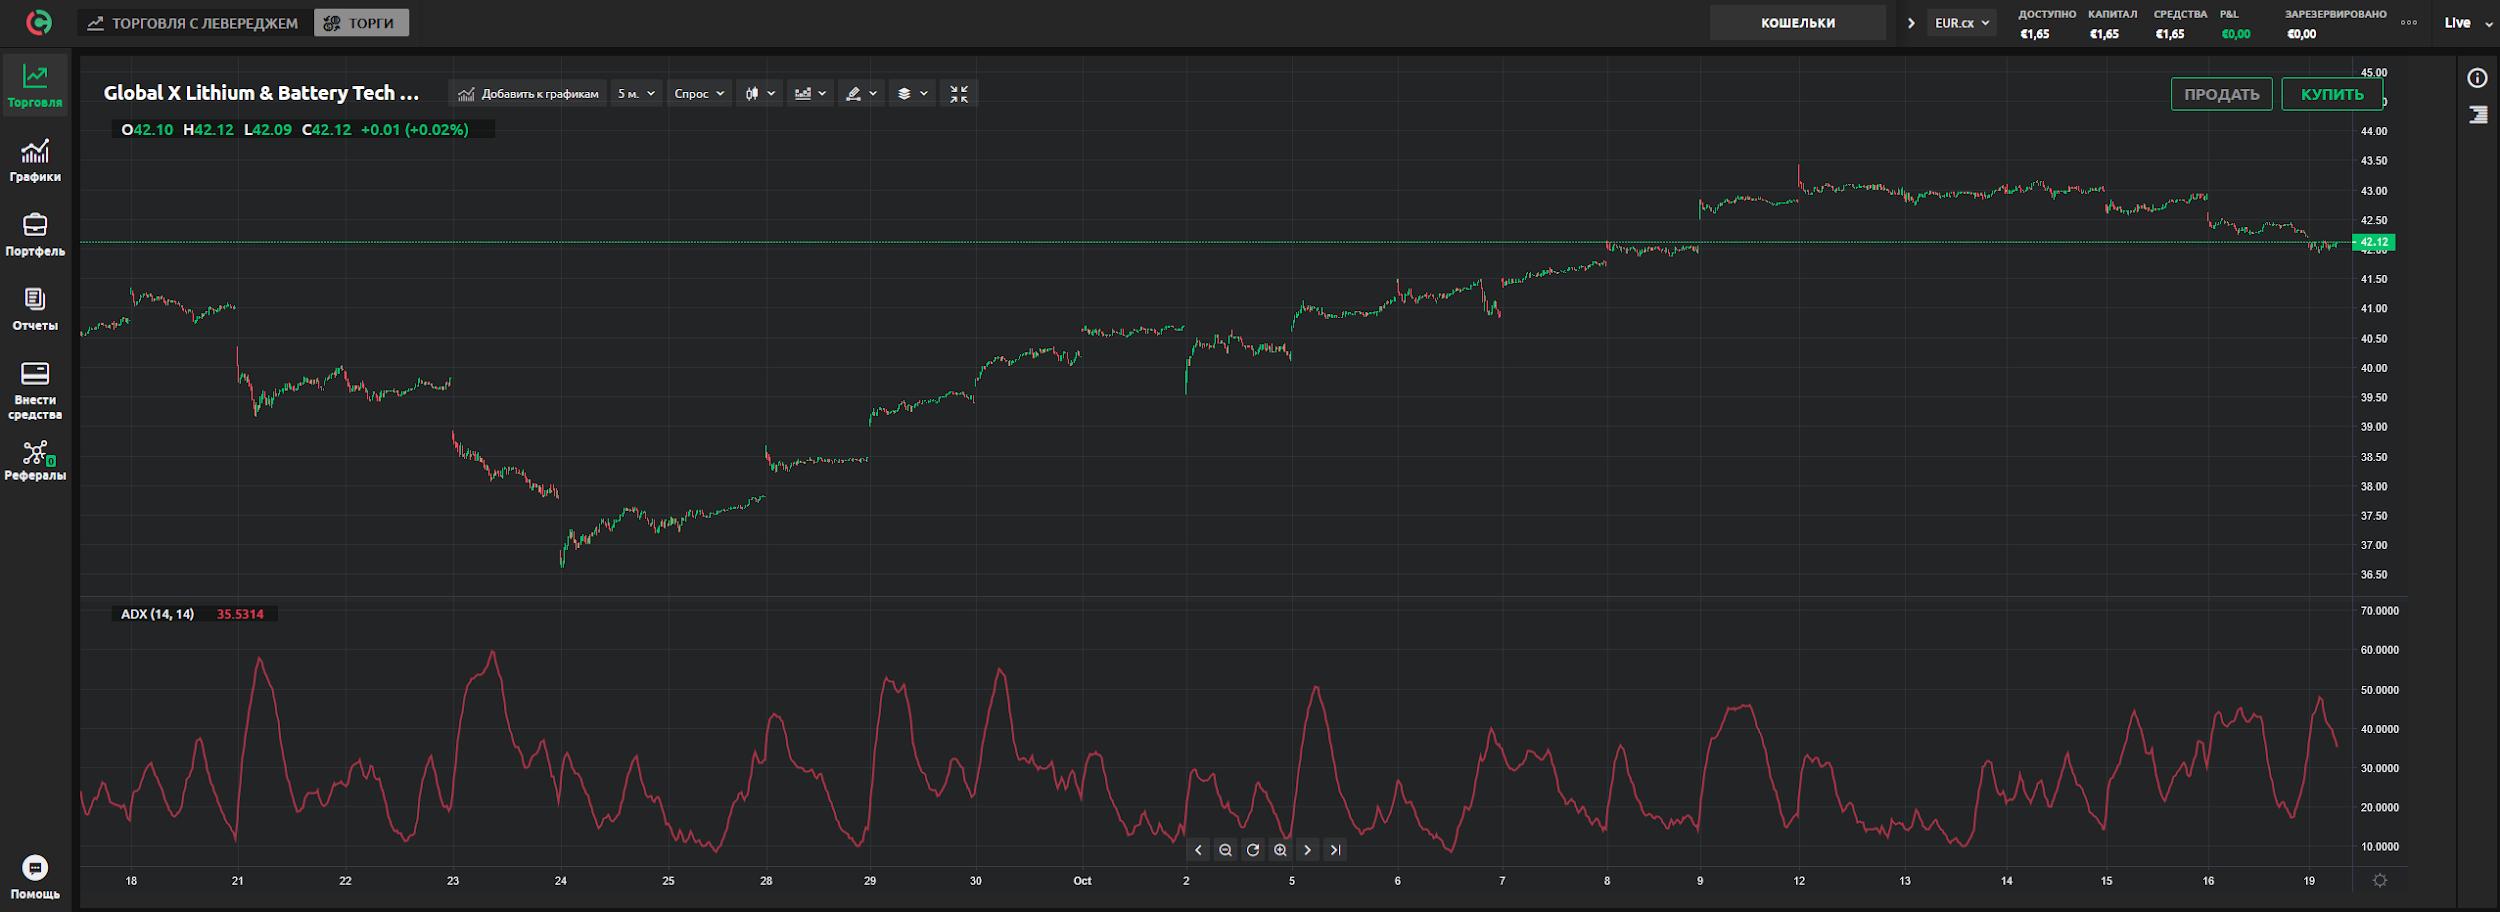 Динамика движения цены токенизированных акций Global X Lithium на currency.com